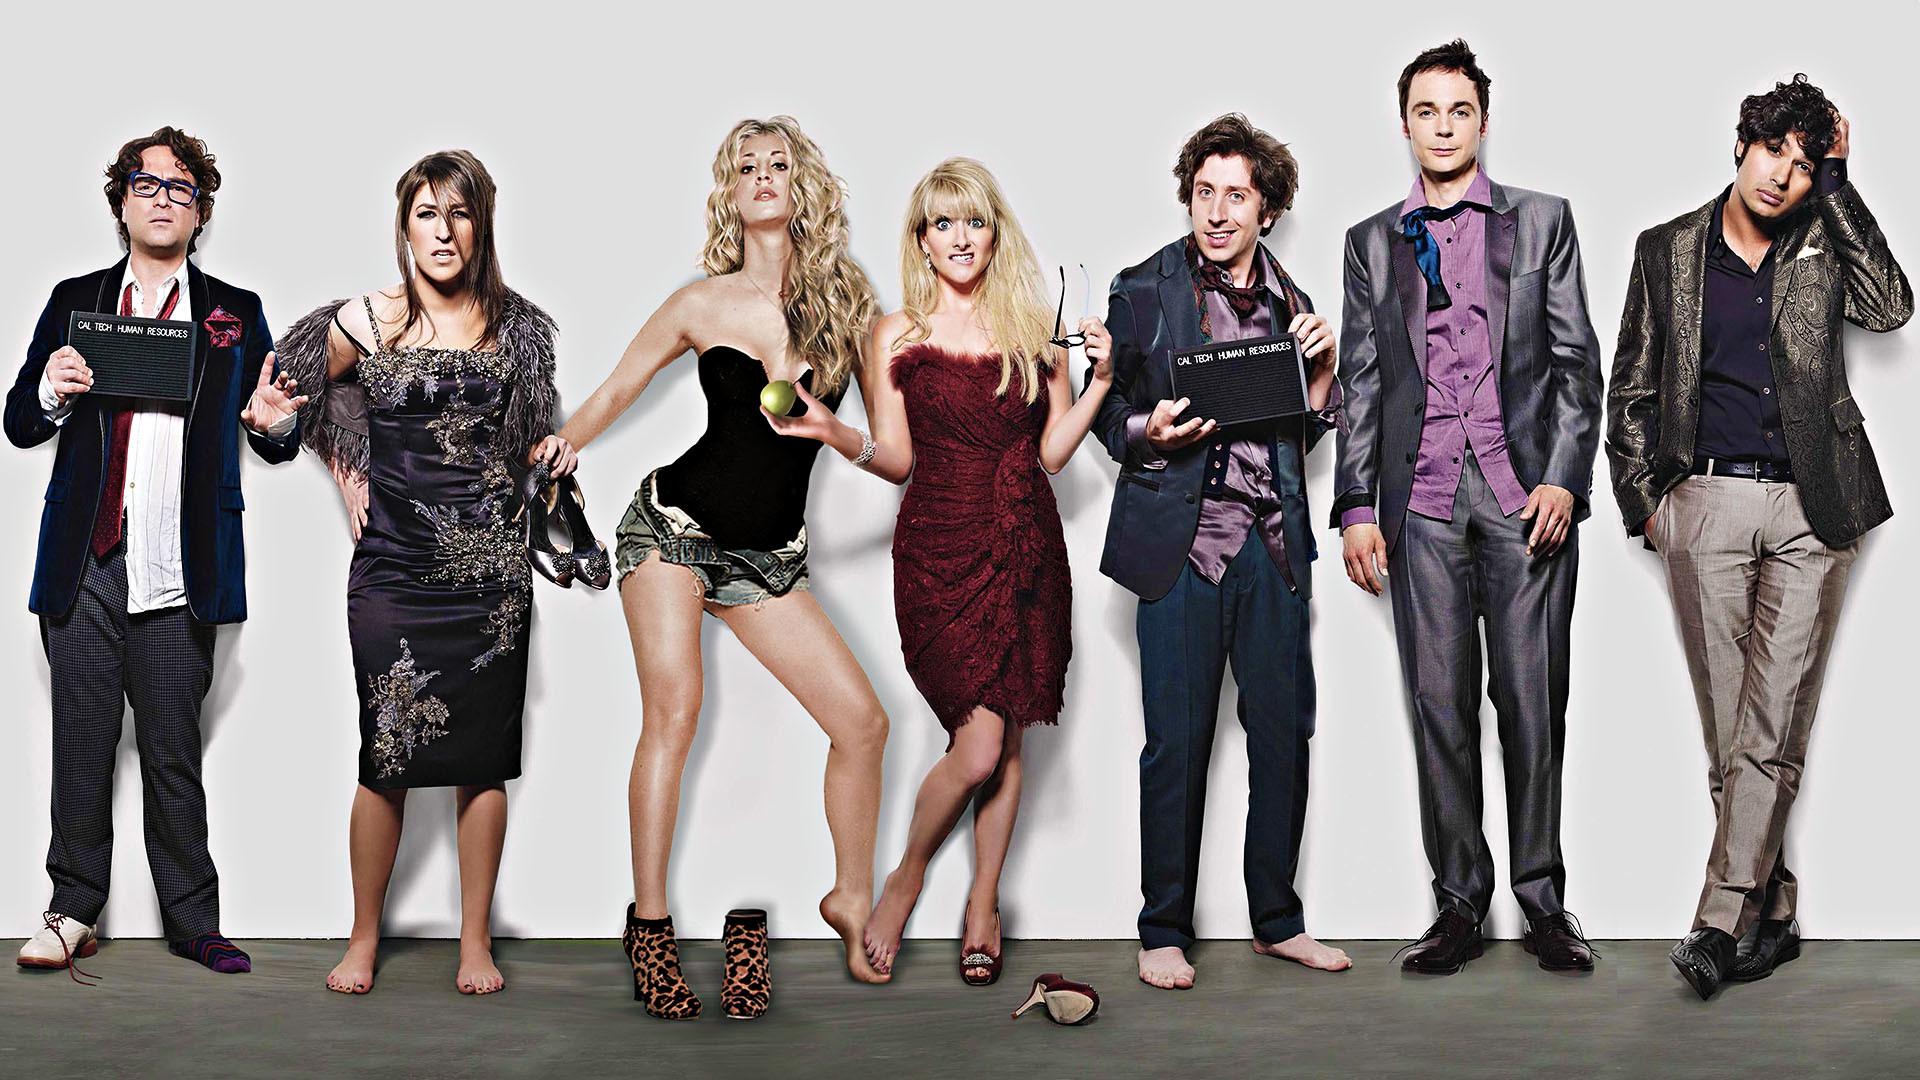 Res: 1920x1080, The Big Bang Theory Full HD Wallpaper